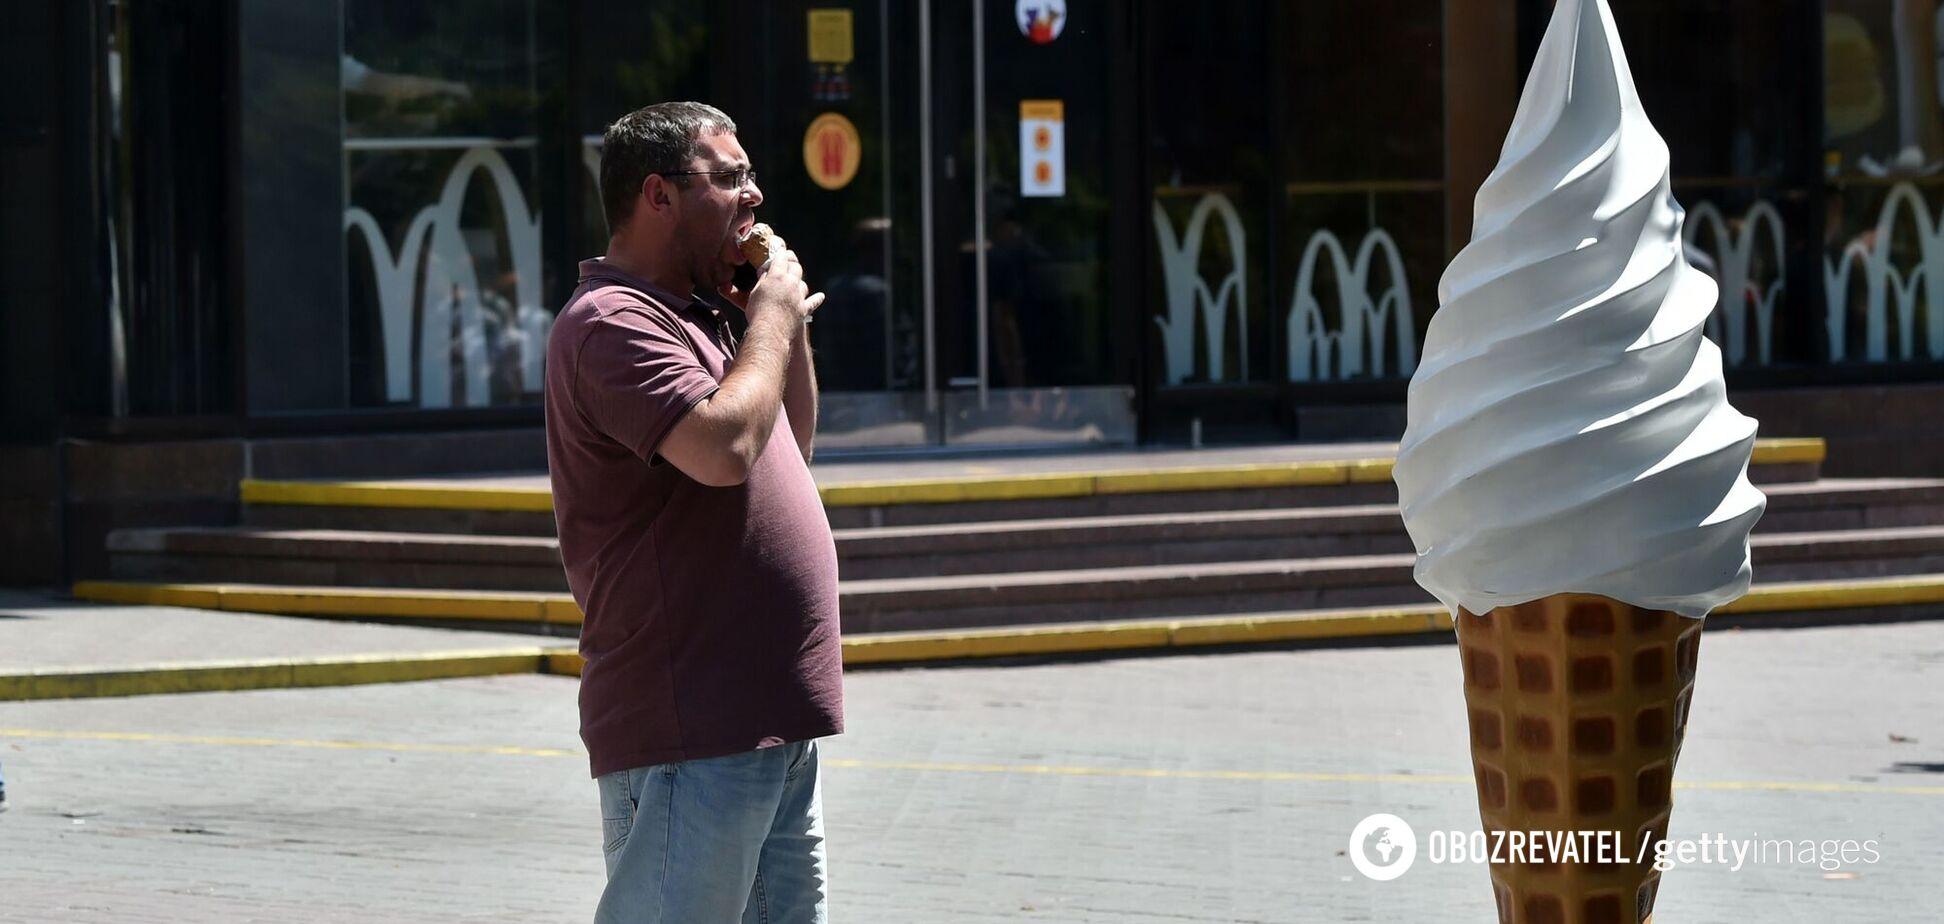 Головний синоптик України розповів про погоду на літо: спека до +40